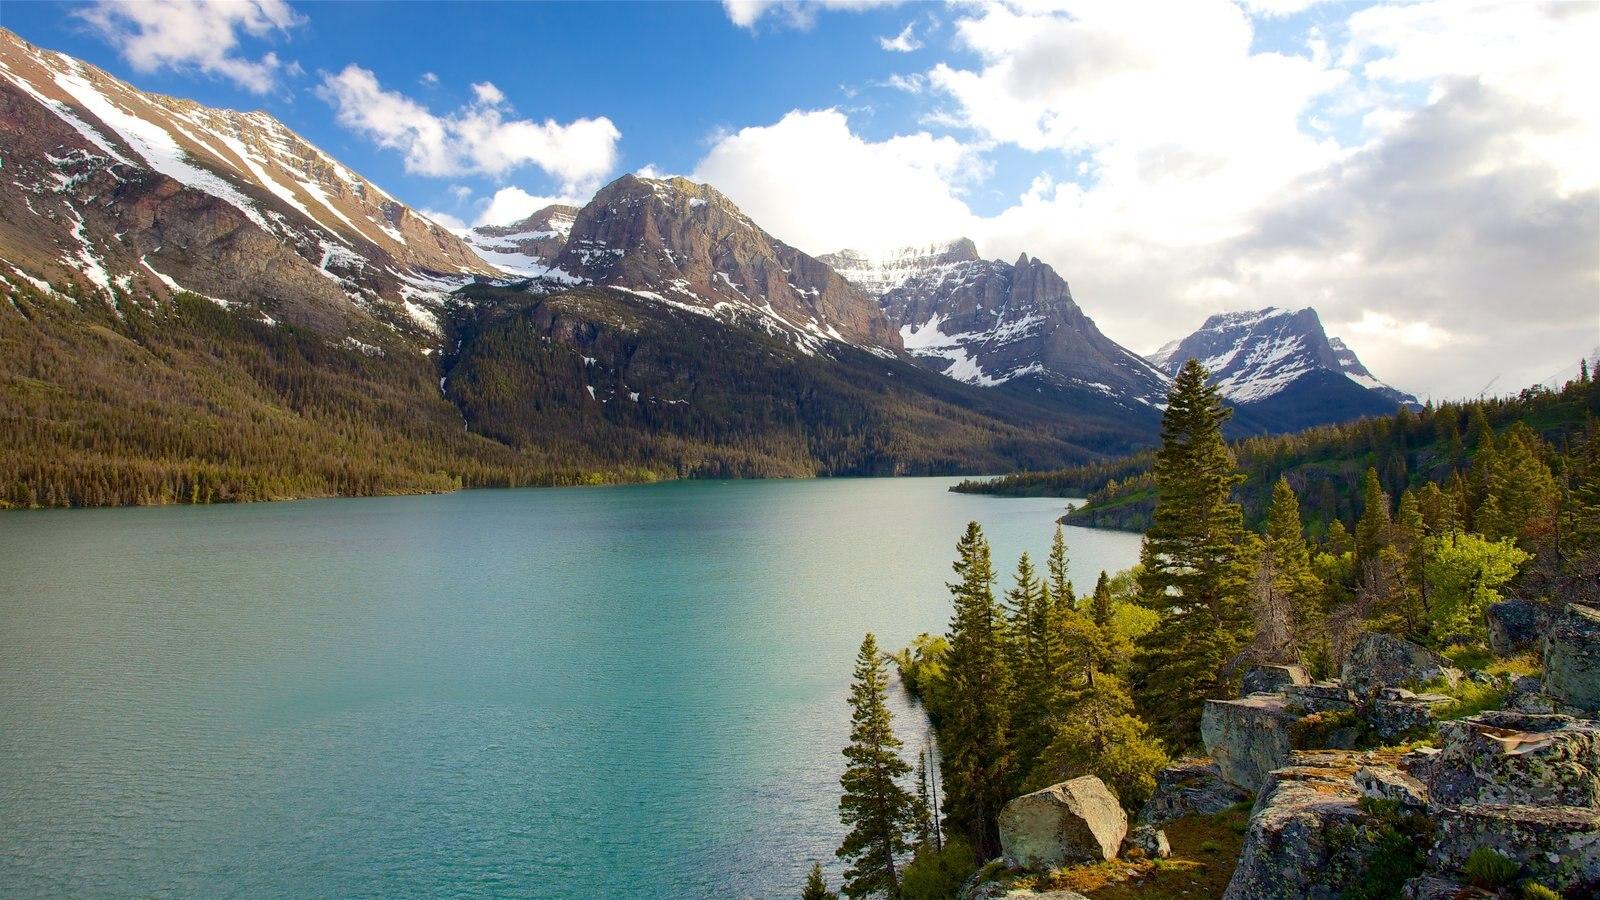 St. Mary Lake ofreciendo escenas tranquilas, montañas y vistas de paisajes